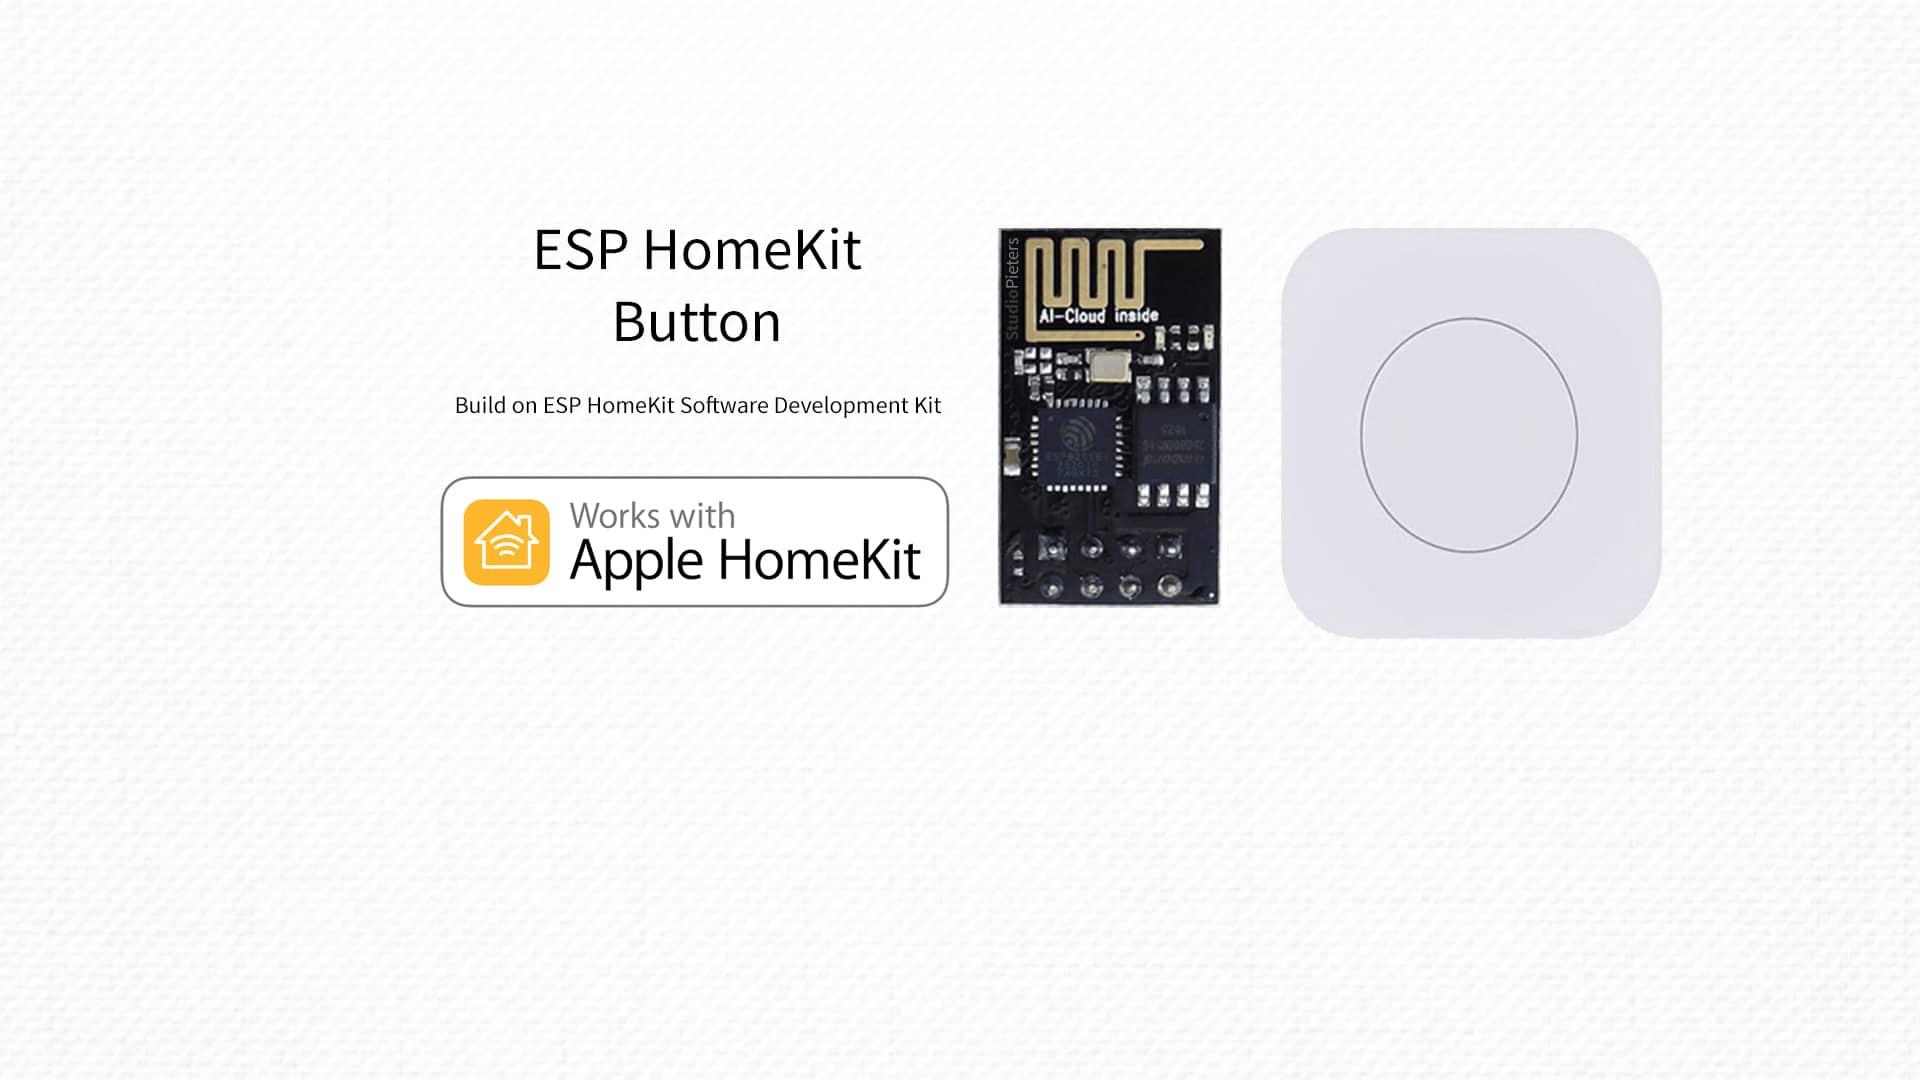 ESP8266 – HomeKit Button